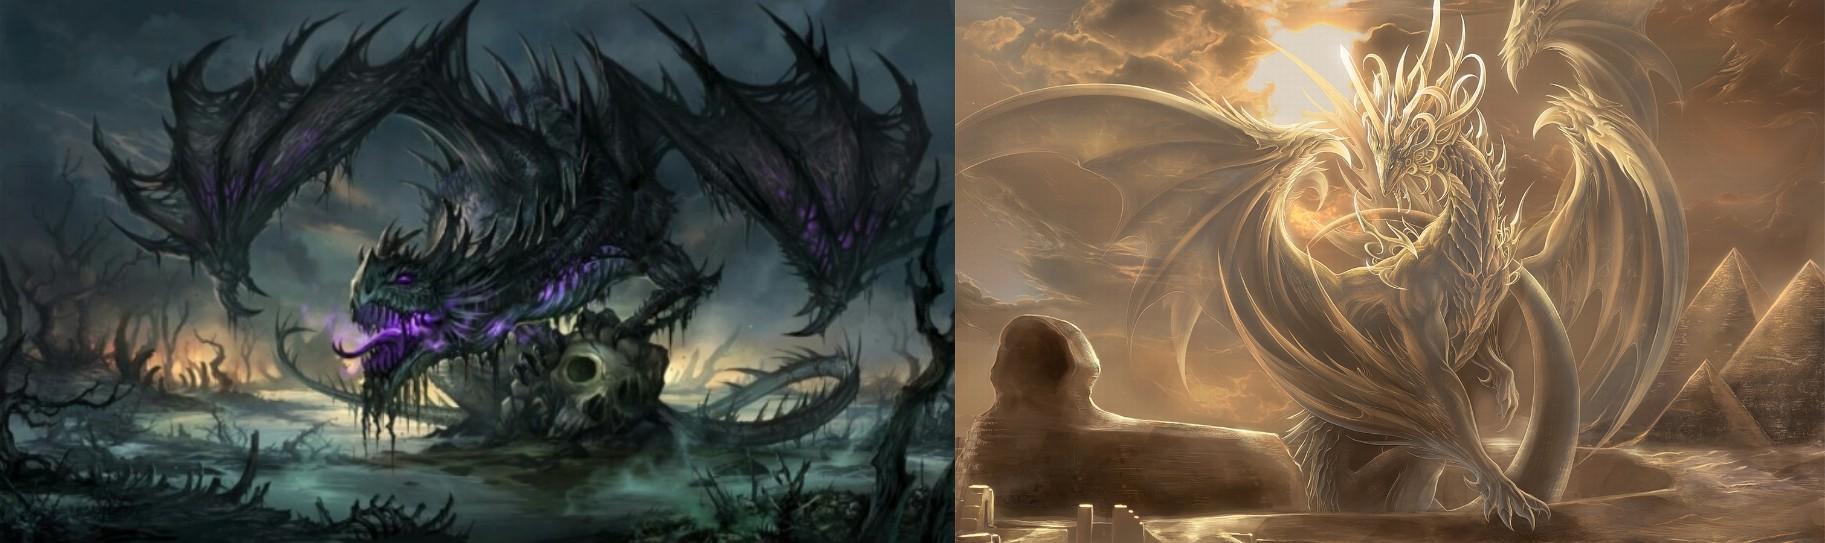 dragon good and evil